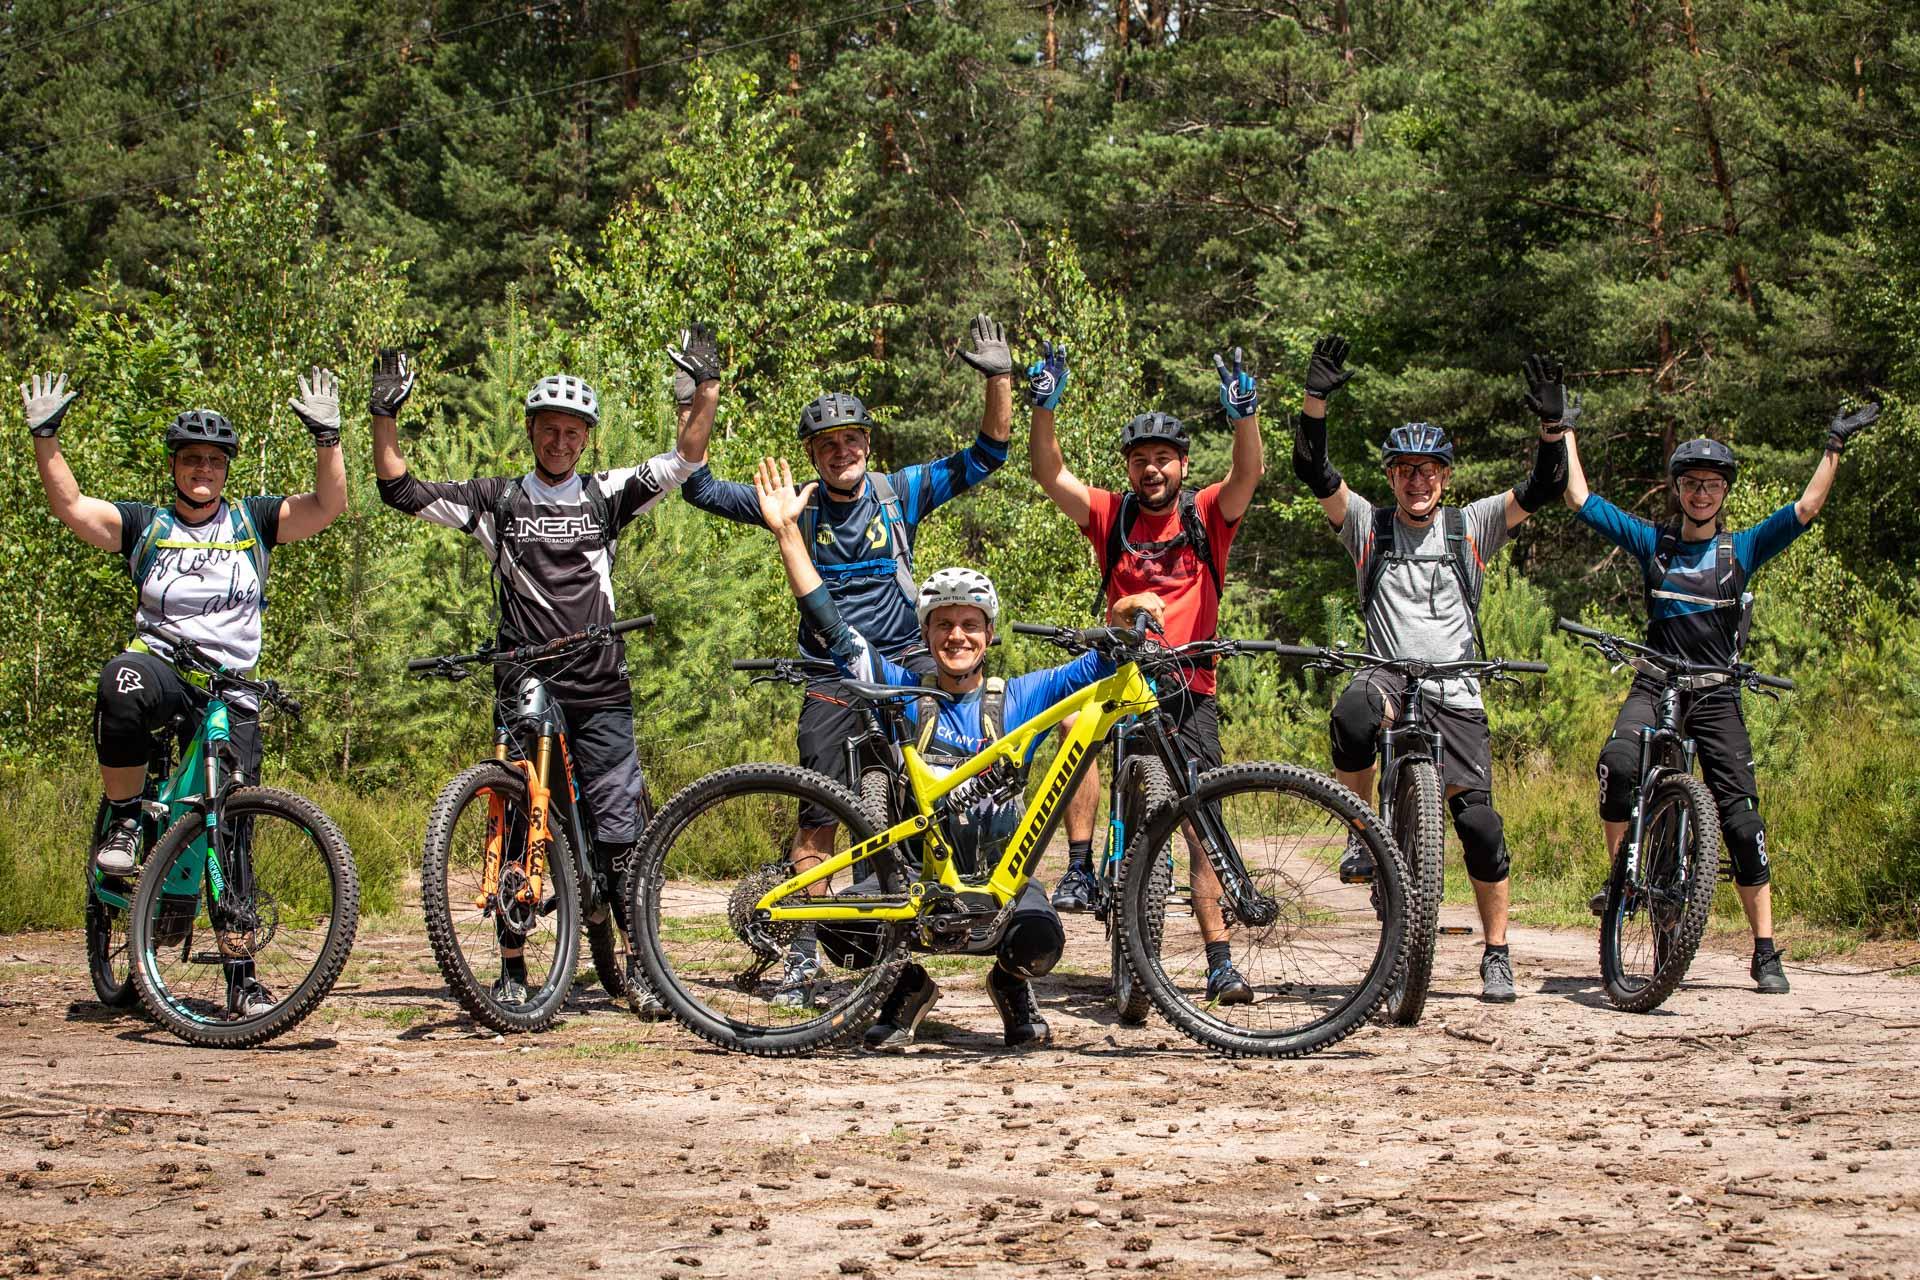 eMTB Fahrtechnik Einsteiger Siegburg Bonn eBike Kurs für eBike Einsteiger_Rock my Trail Bikeschule - 36